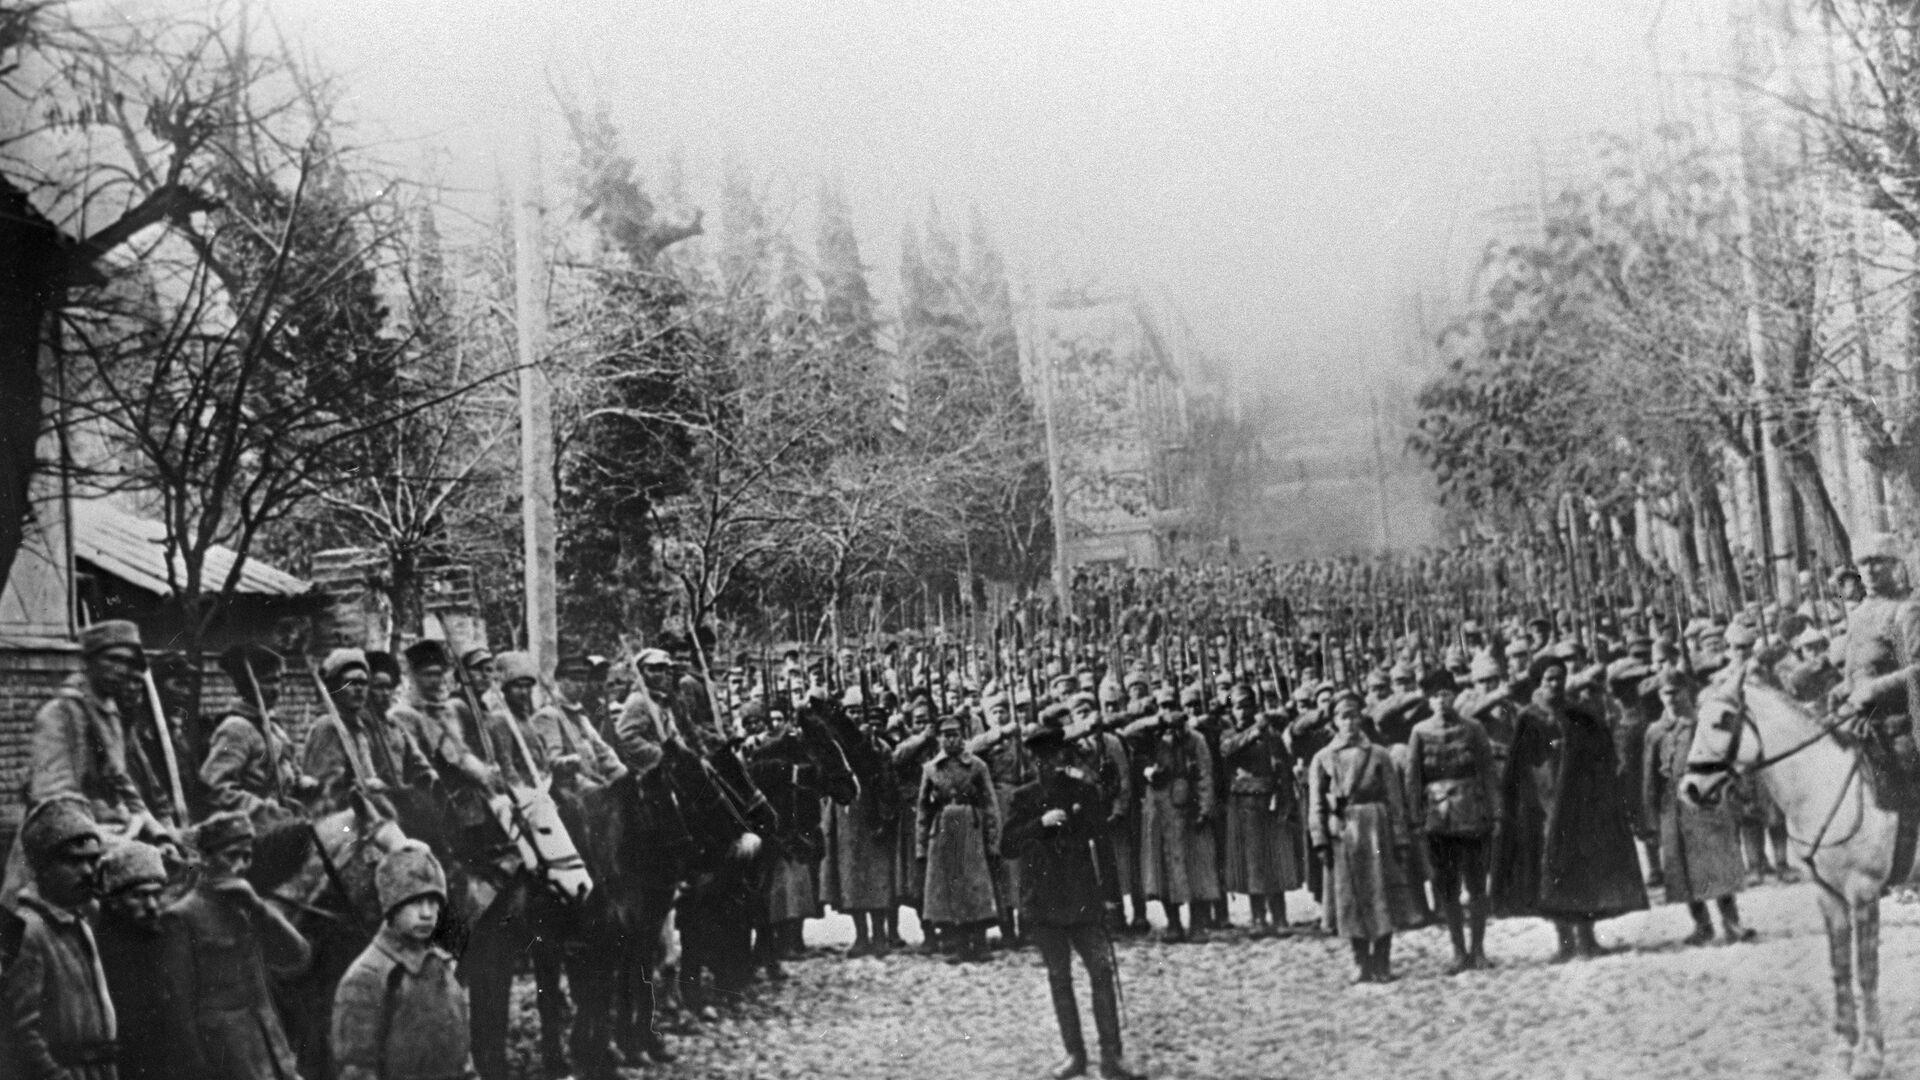 წითელი არმია ტფილისში - 1921 წელი - Sputnik საქართველო, 1920, 10.10.2021